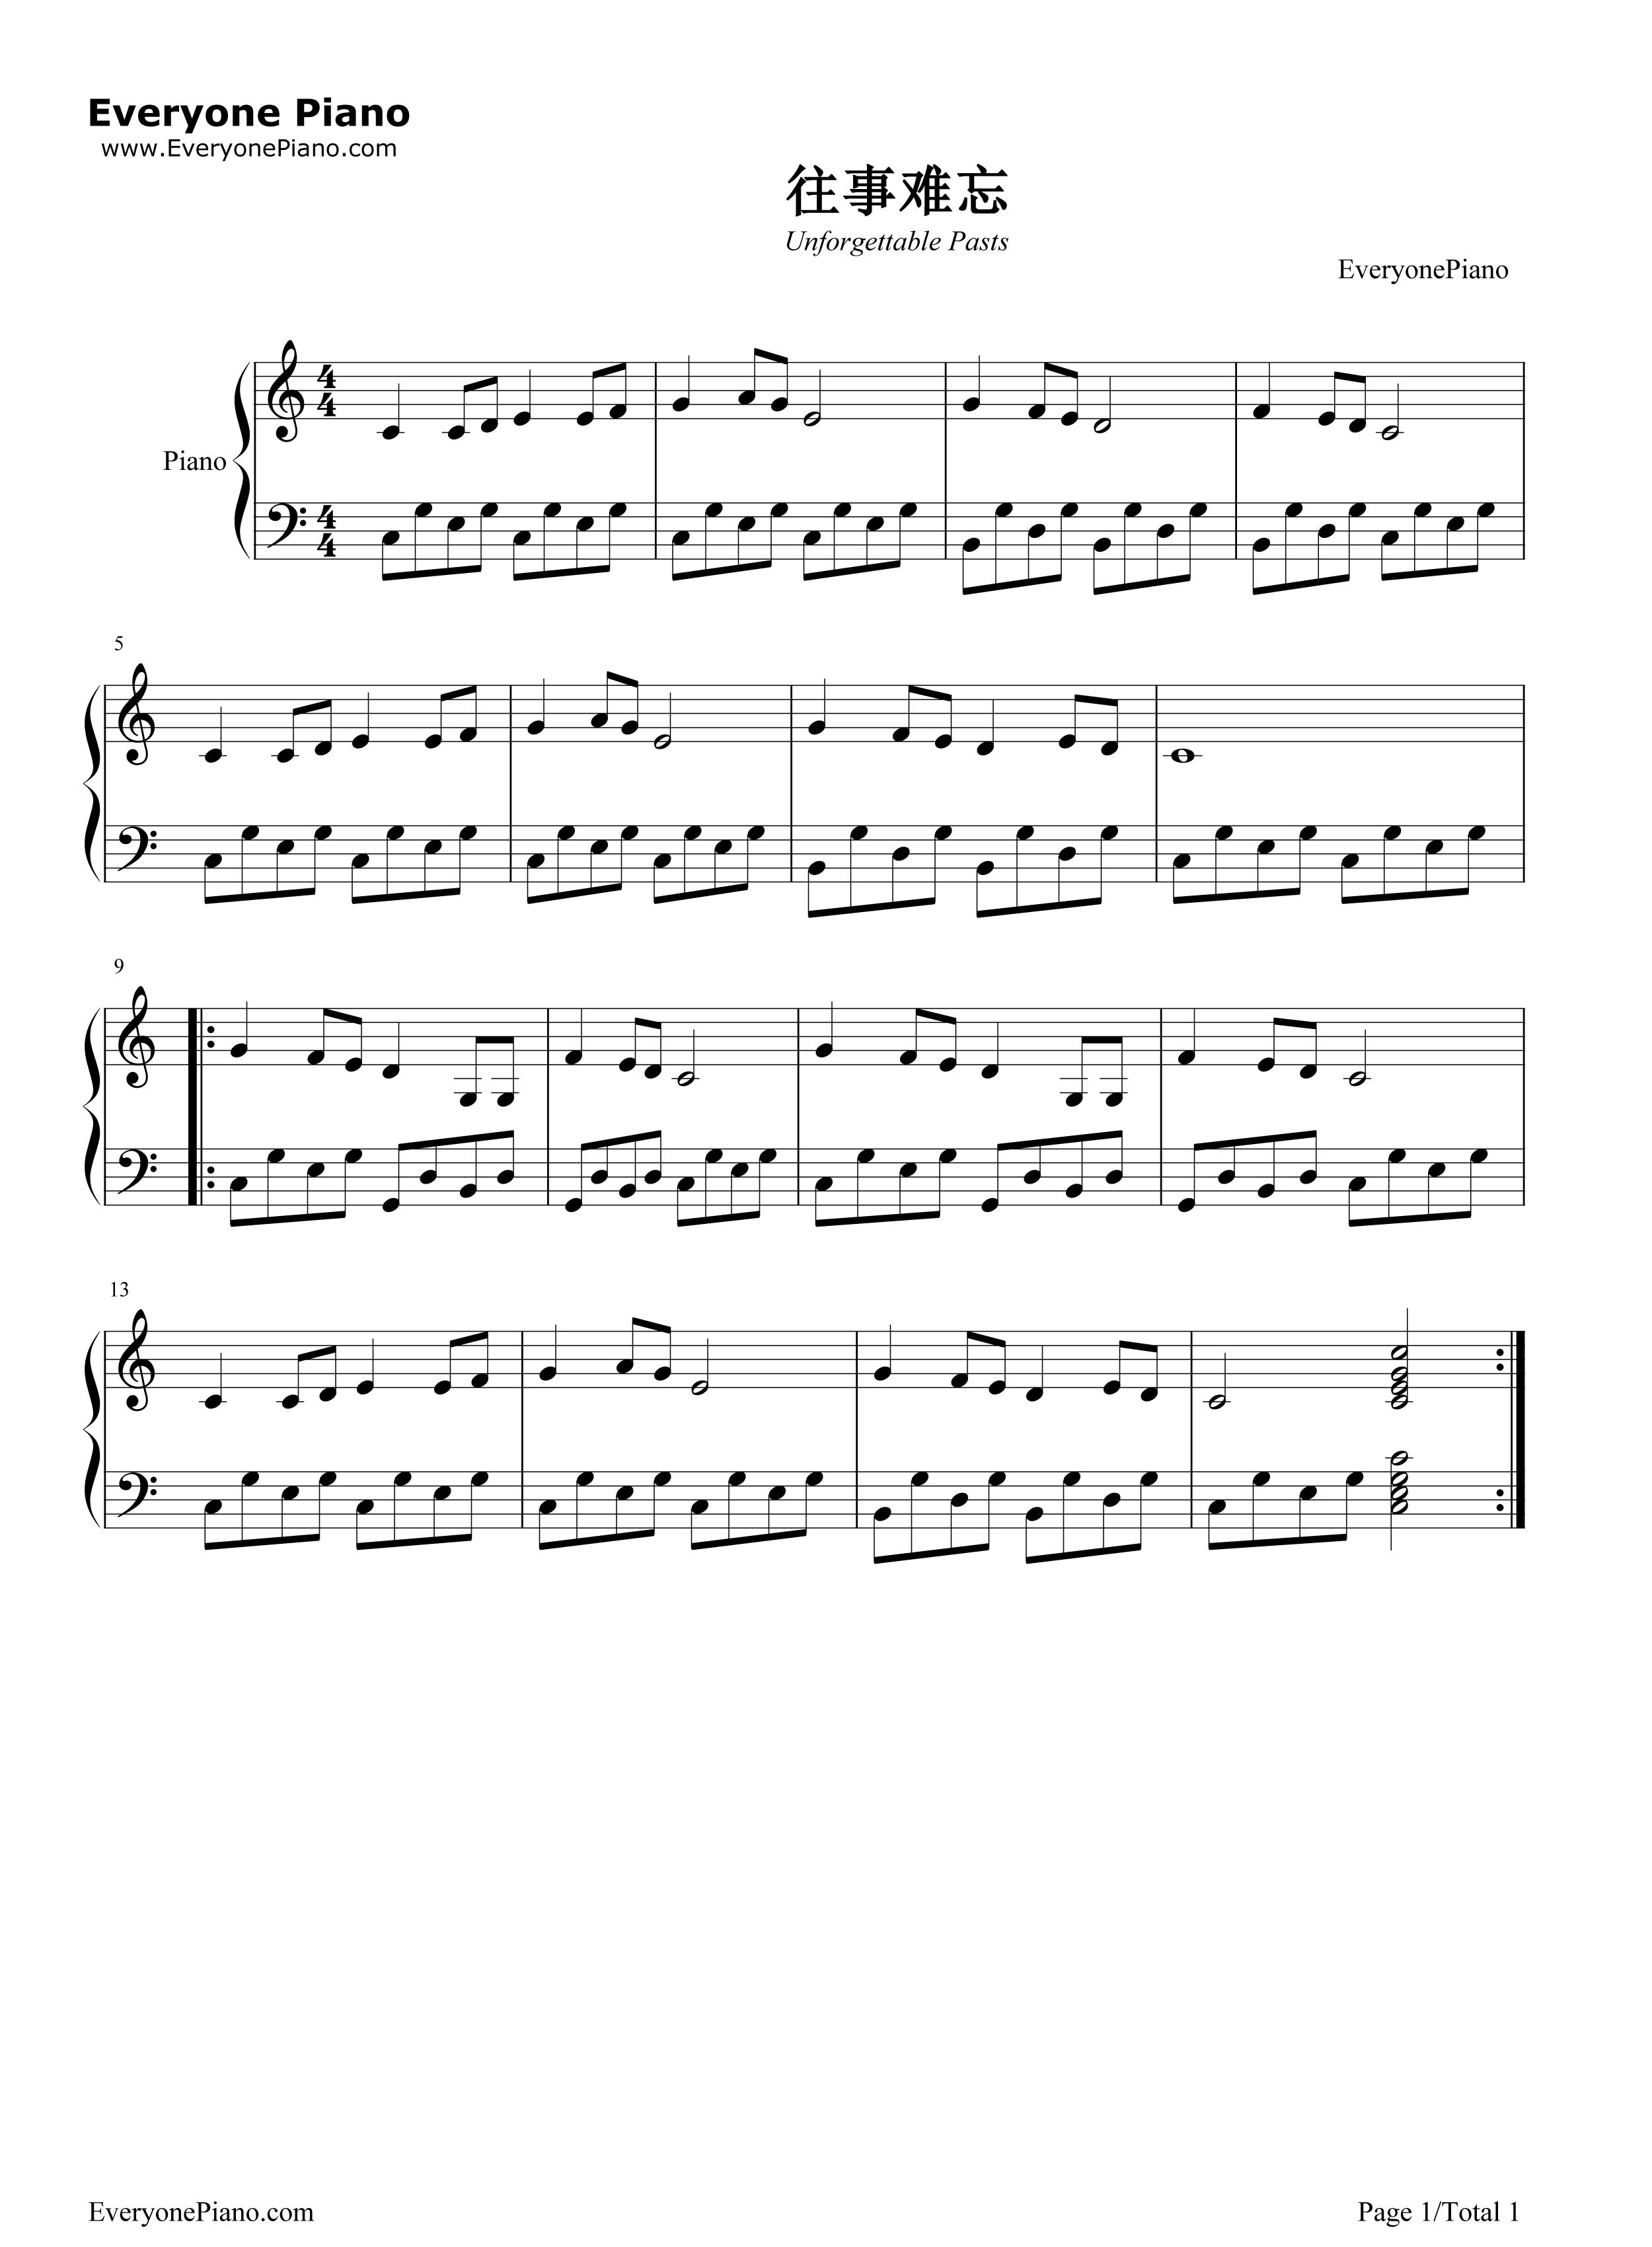 钢琴曲谱 流行 往事难忘 往事难忘五线谱预览1  }  仅供学习交流使用!